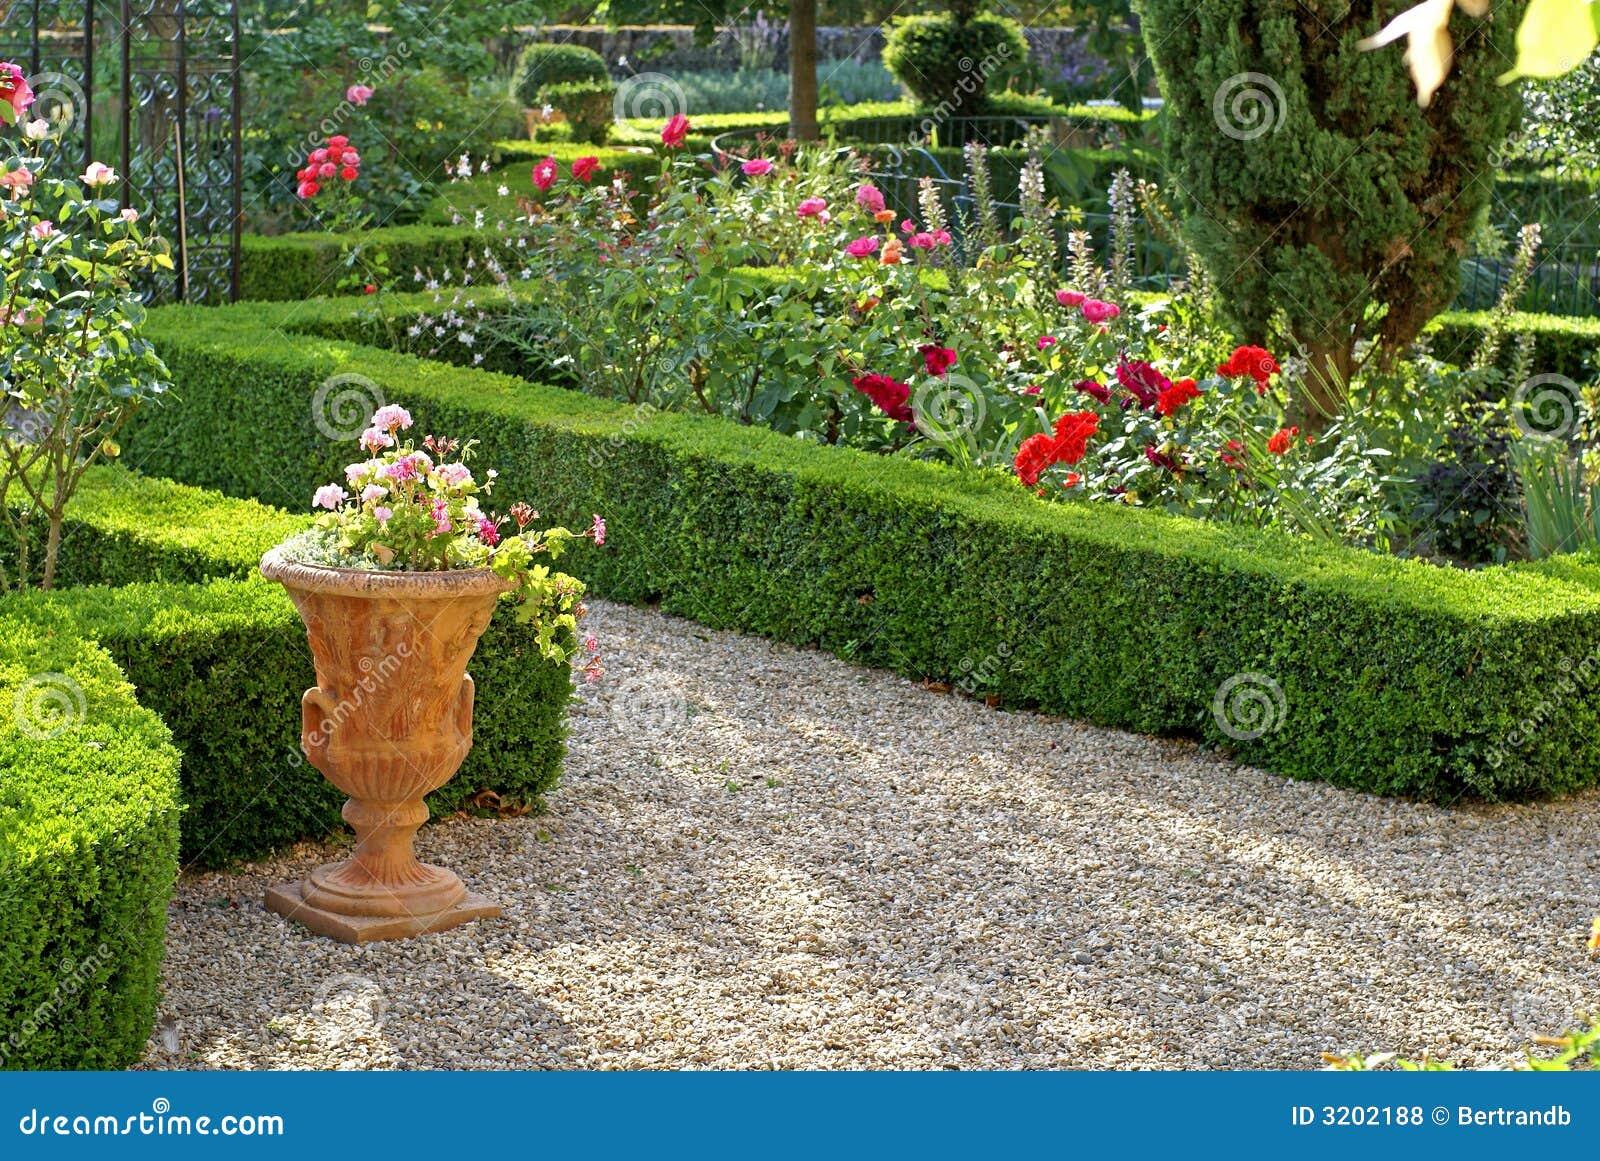 Formele tuin in de provence royalty vrije stock foto 39 s afbeelding 3202188 - Formele meubilair ...